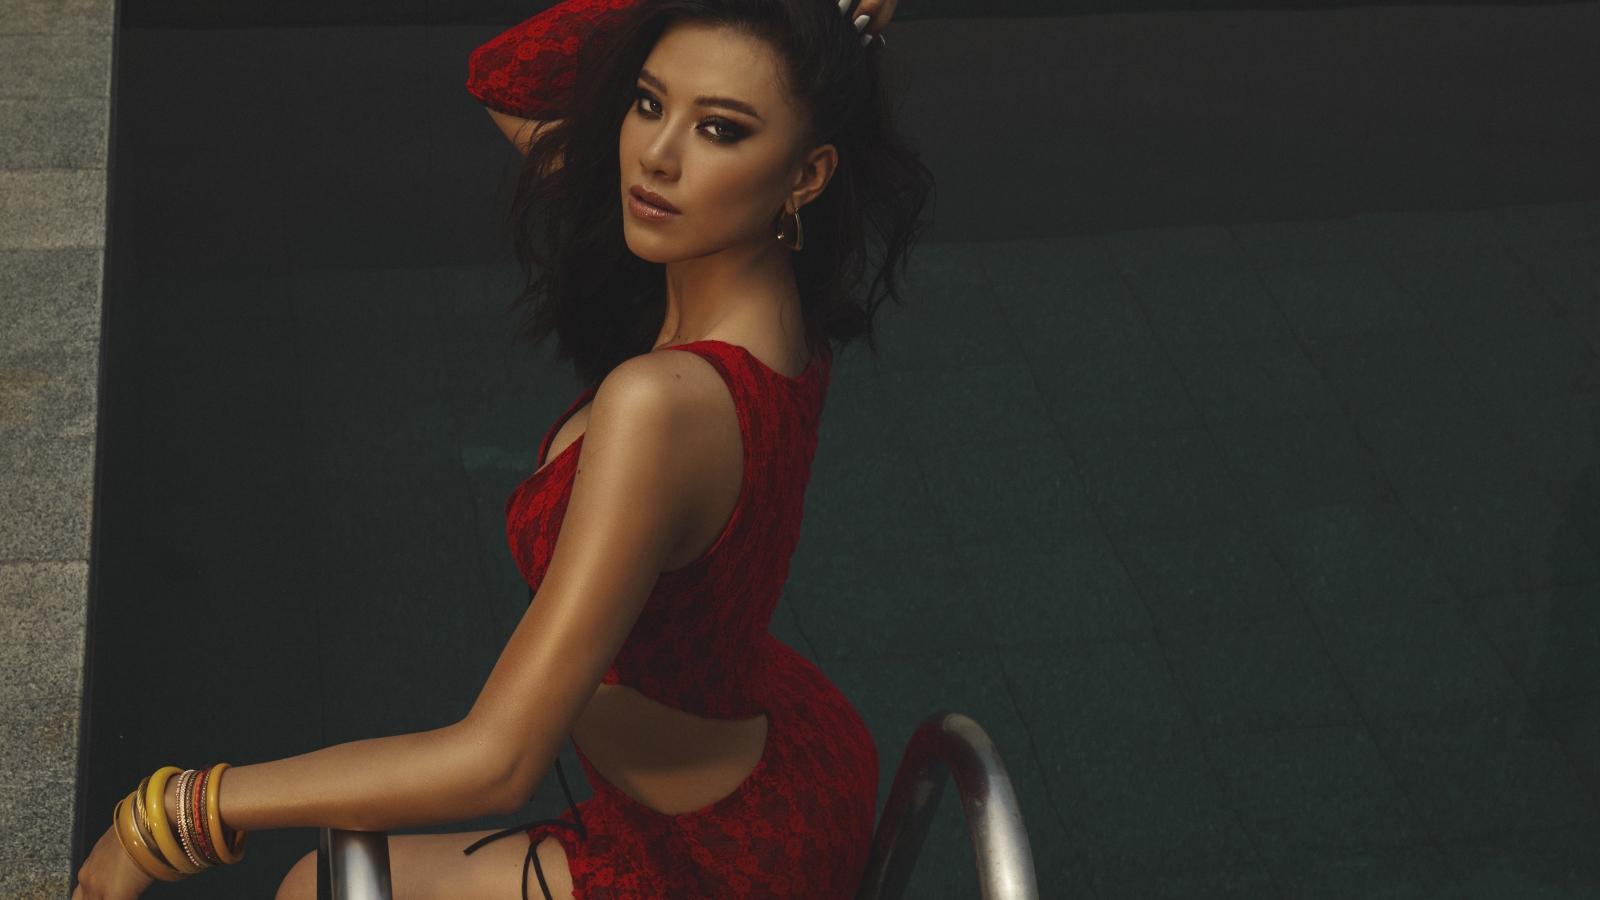 Á hậu Kim Duyên khoe vóc dáng nóng bỏng trong bộ ảnh mới